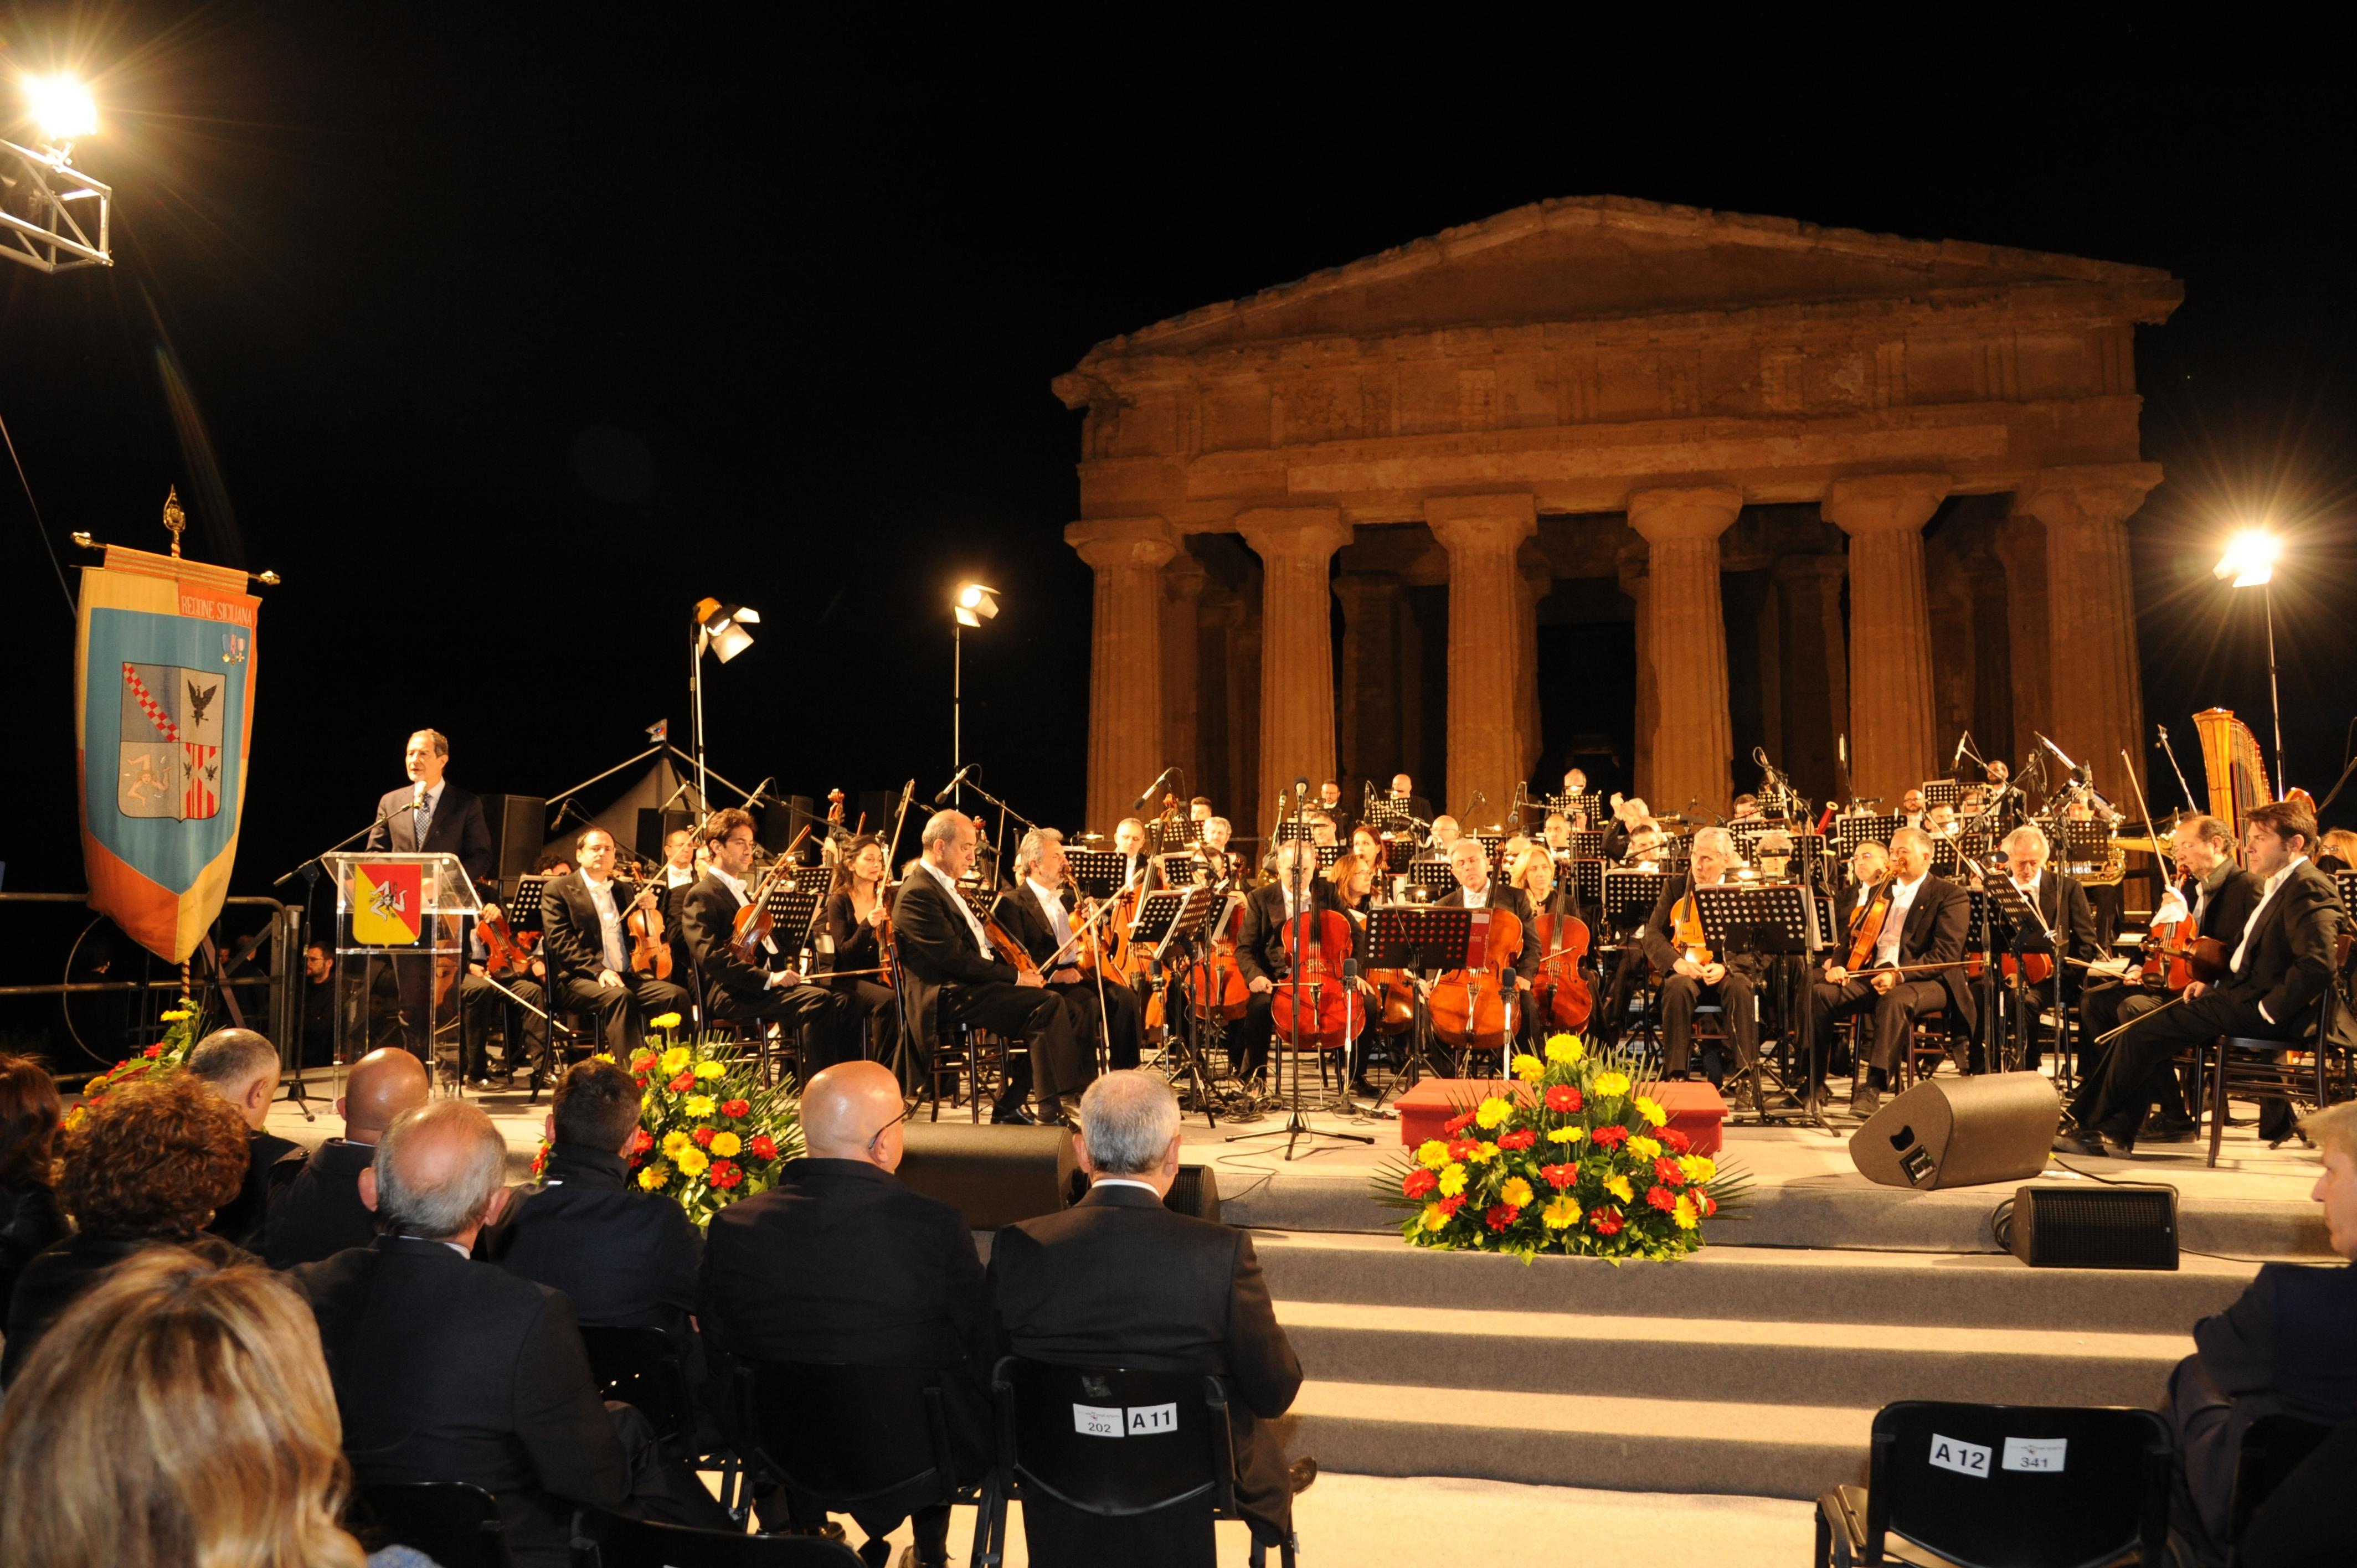 72esimo Anniversario dell'Autonomia Siciliana - immagine 5